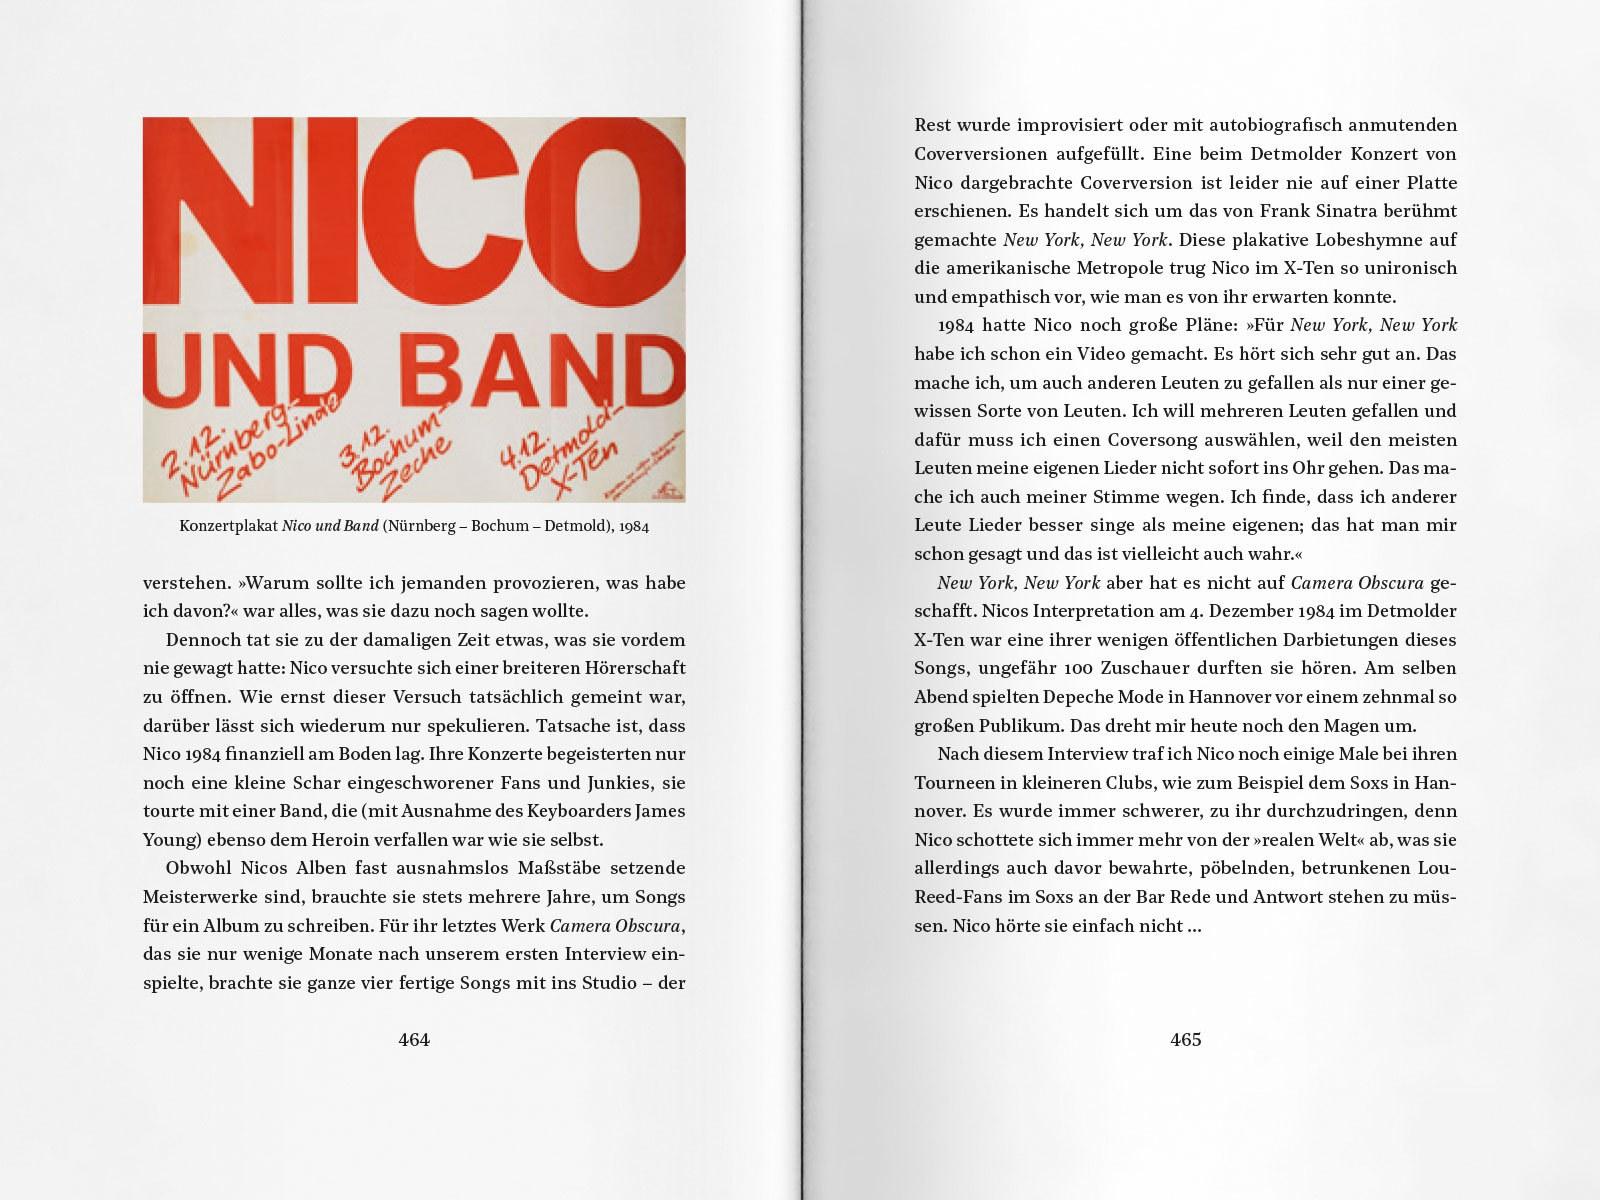 Nico spread12